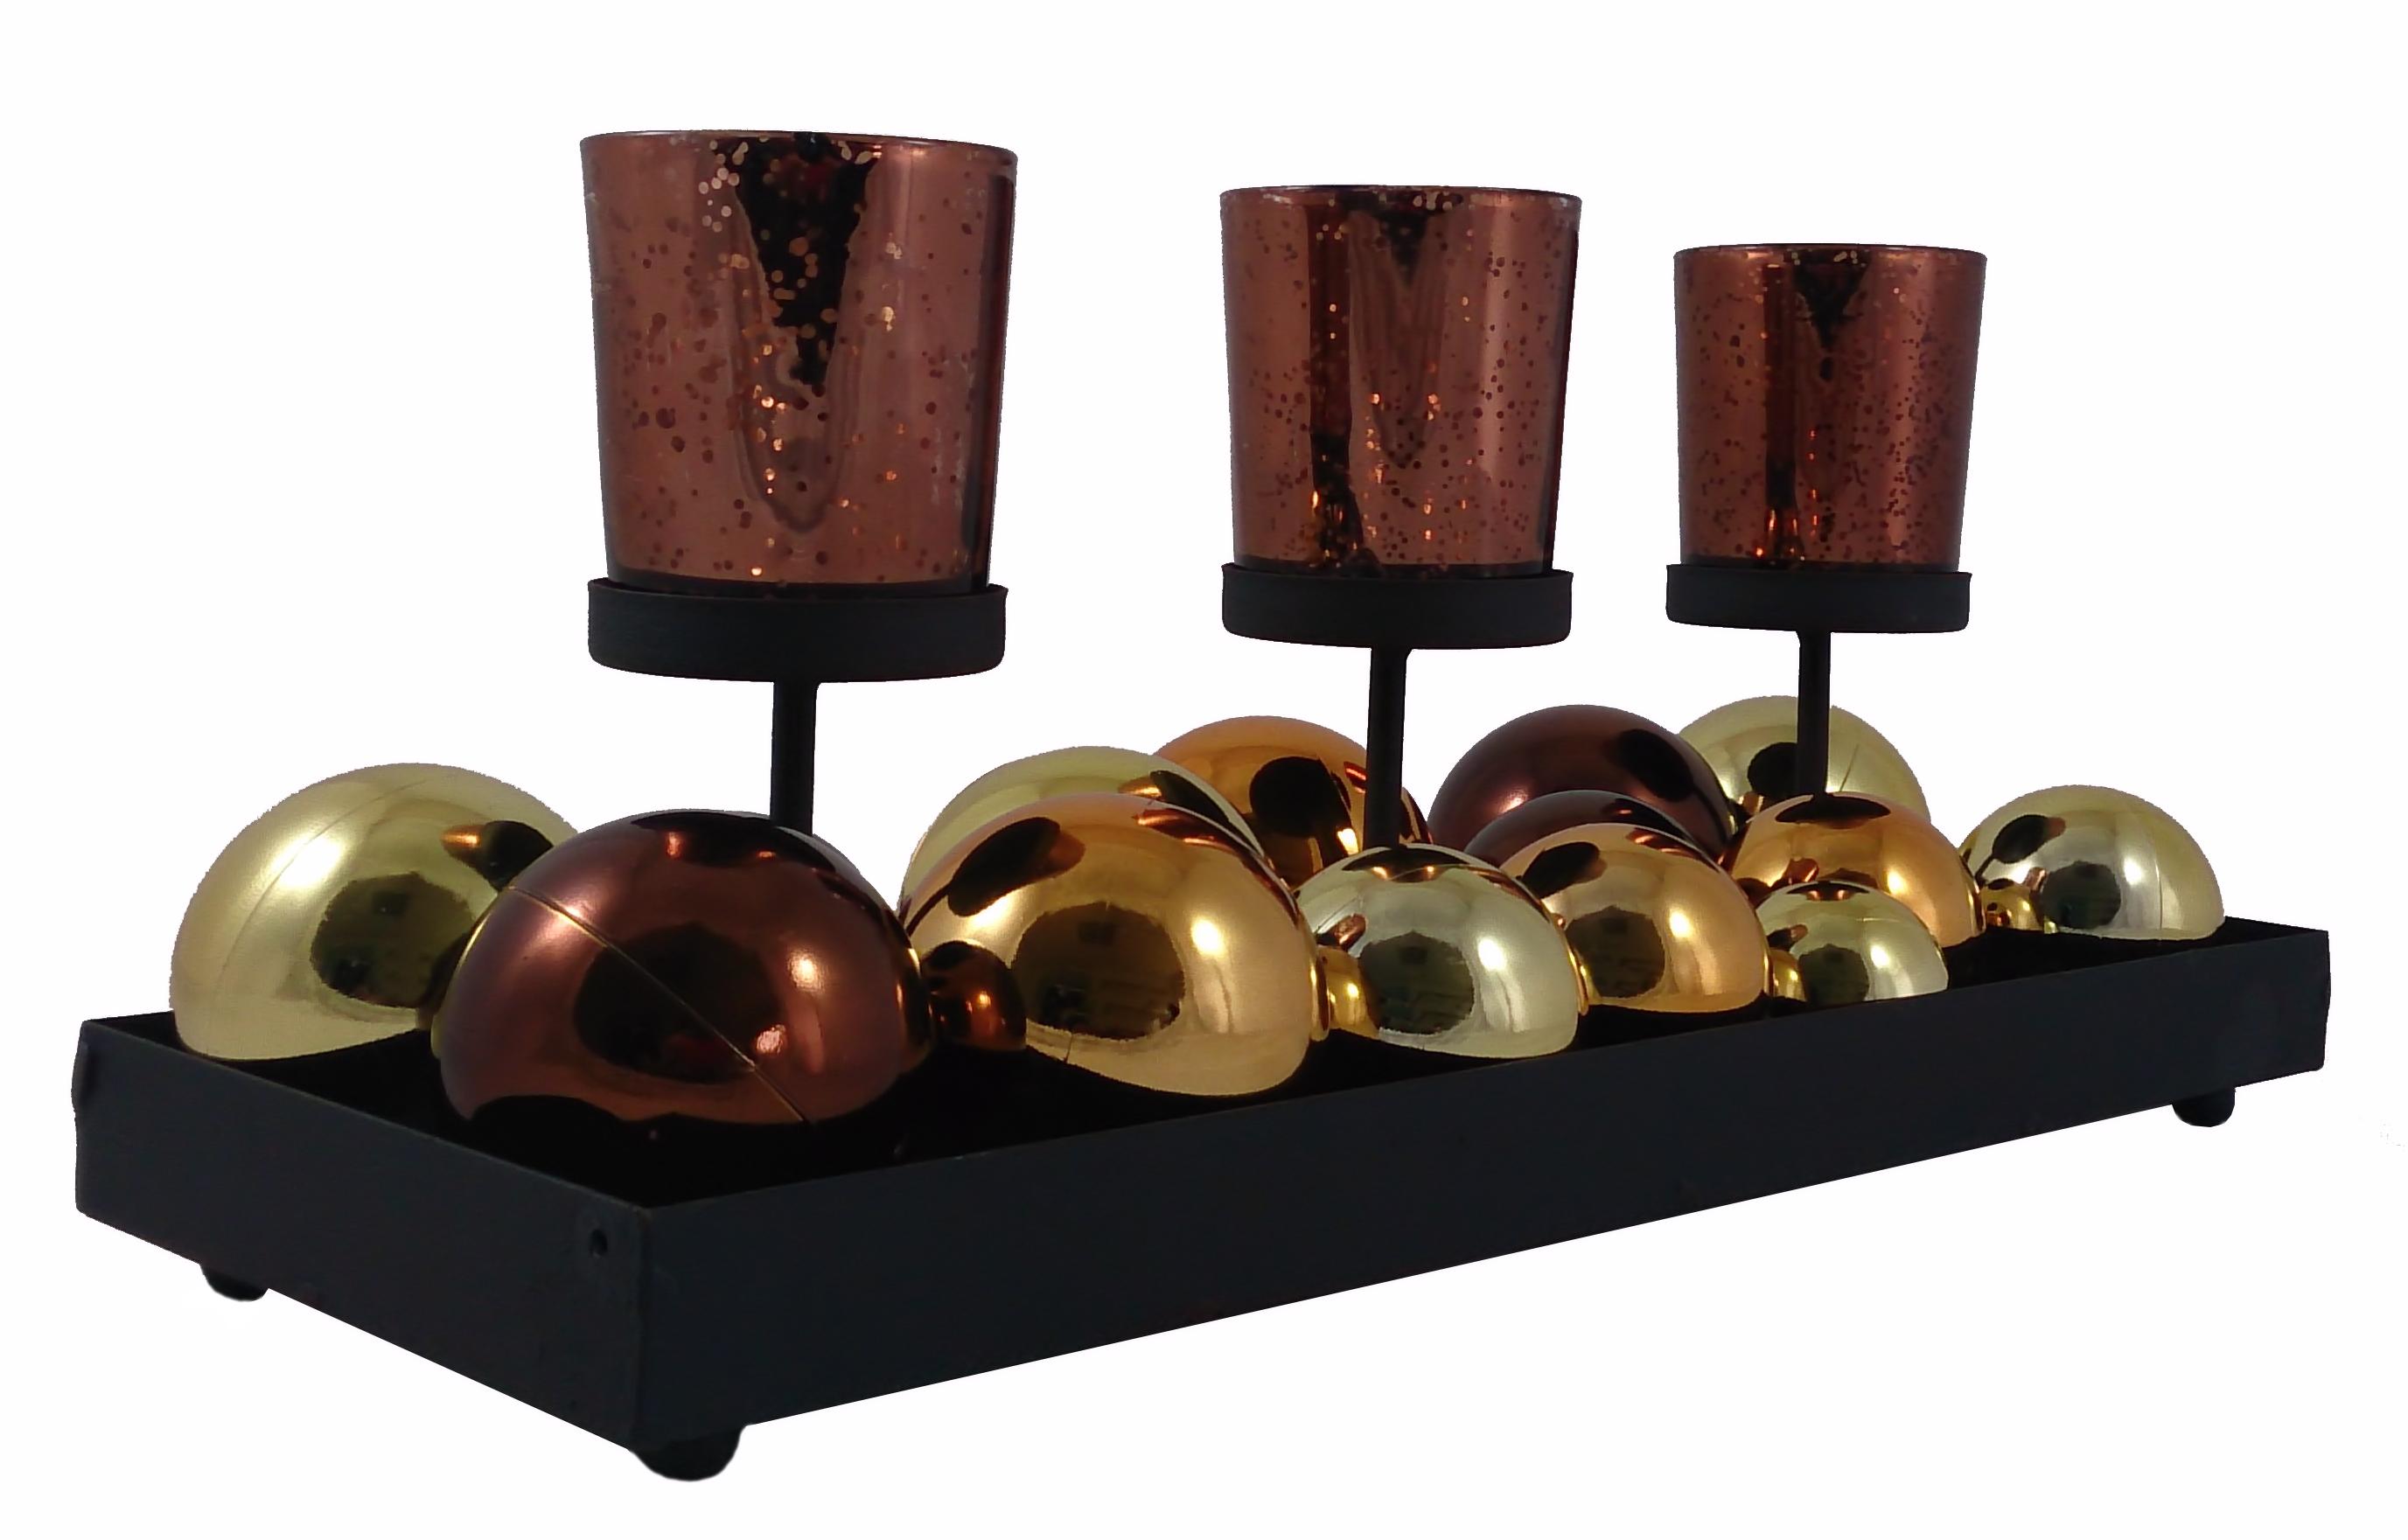 d coration de no l verre photophore sur 3 metalhaltern avec boules d coratives ebay. Black Bedroom Furniture Sets. Home Design Ideas